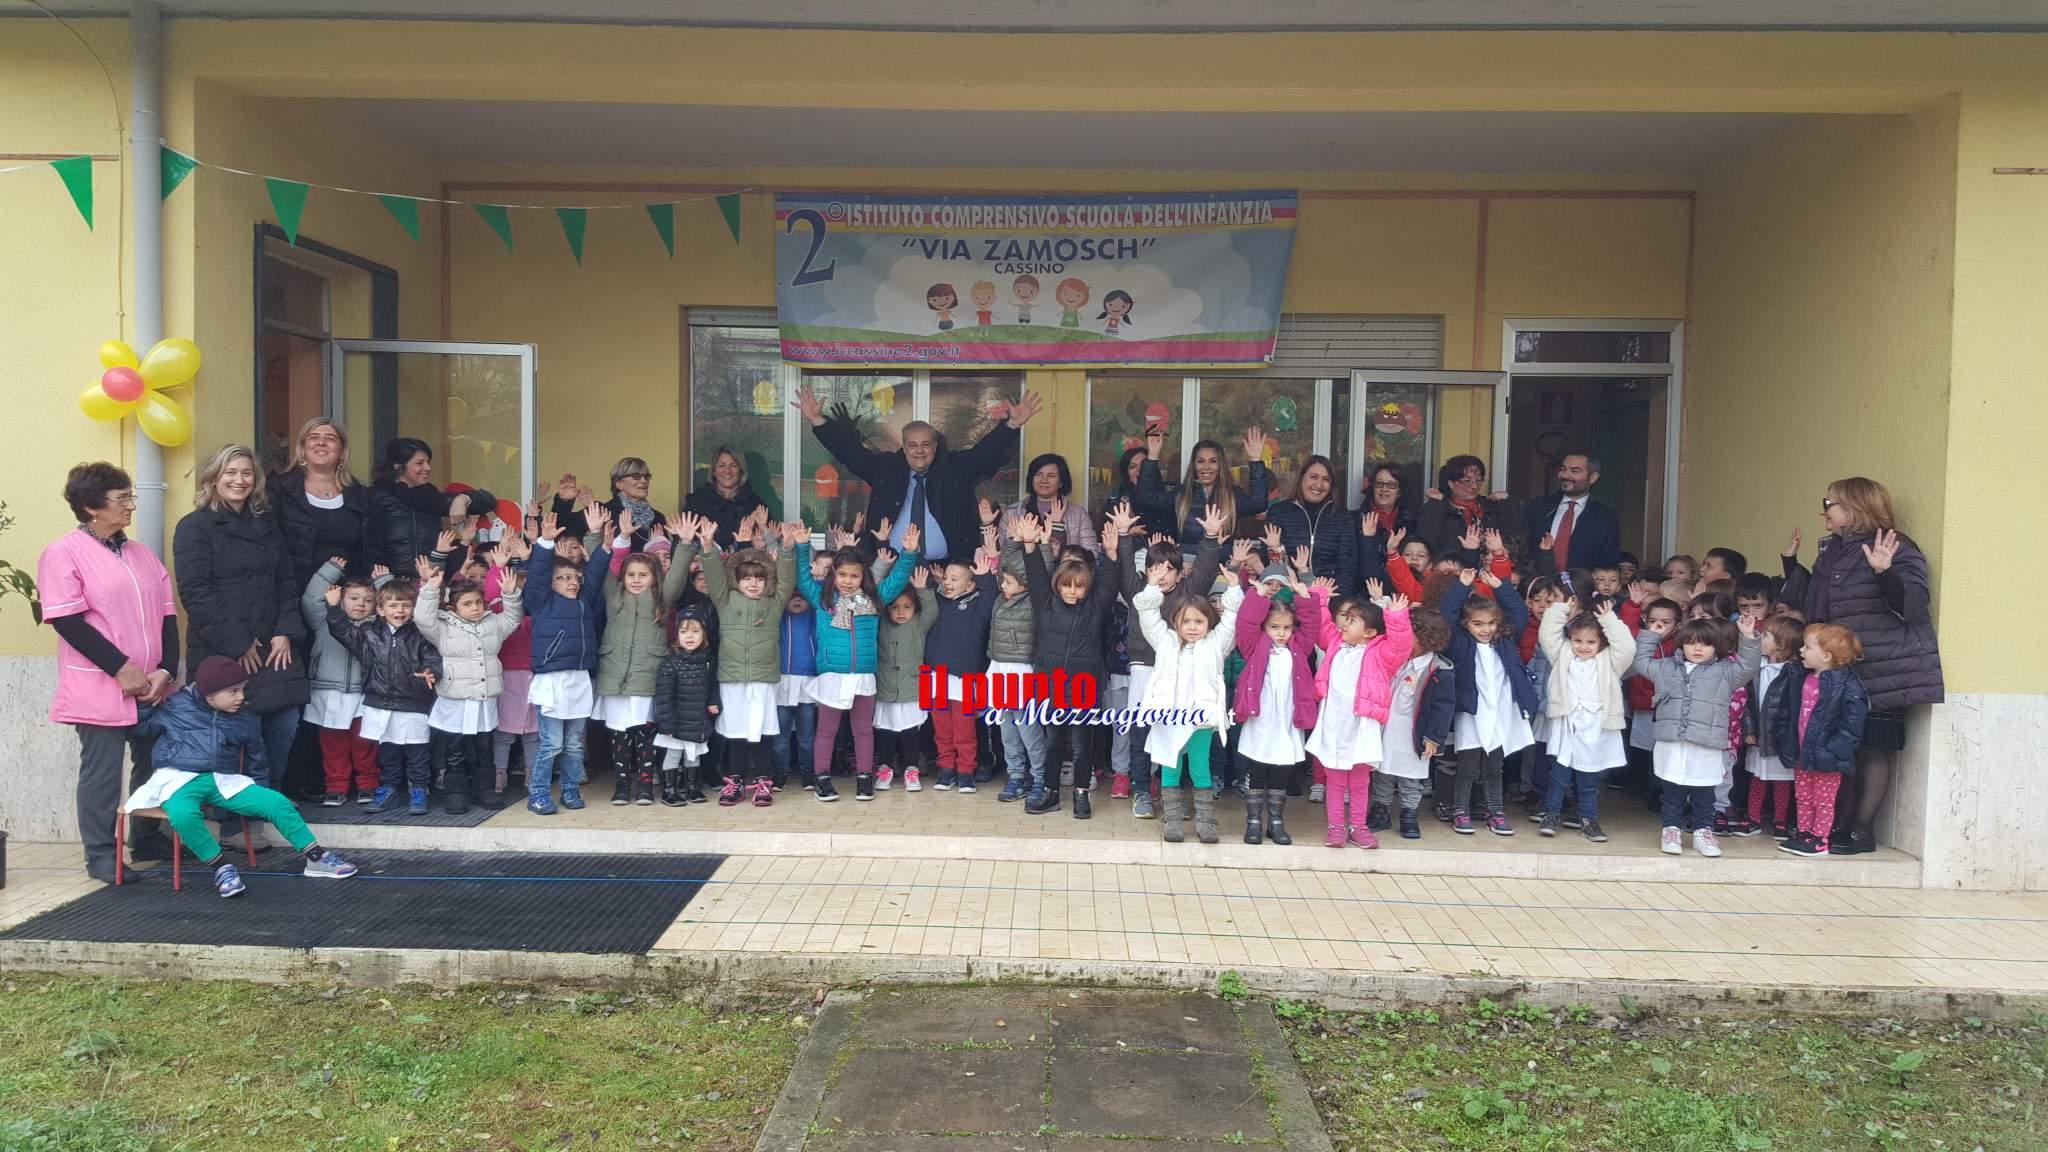 """Festa degli alberi: """"Per fare tutto ci vuole un fiore"""" il sindaco D'Alessandro alla scuola dell'infanzia via Zamosch"""